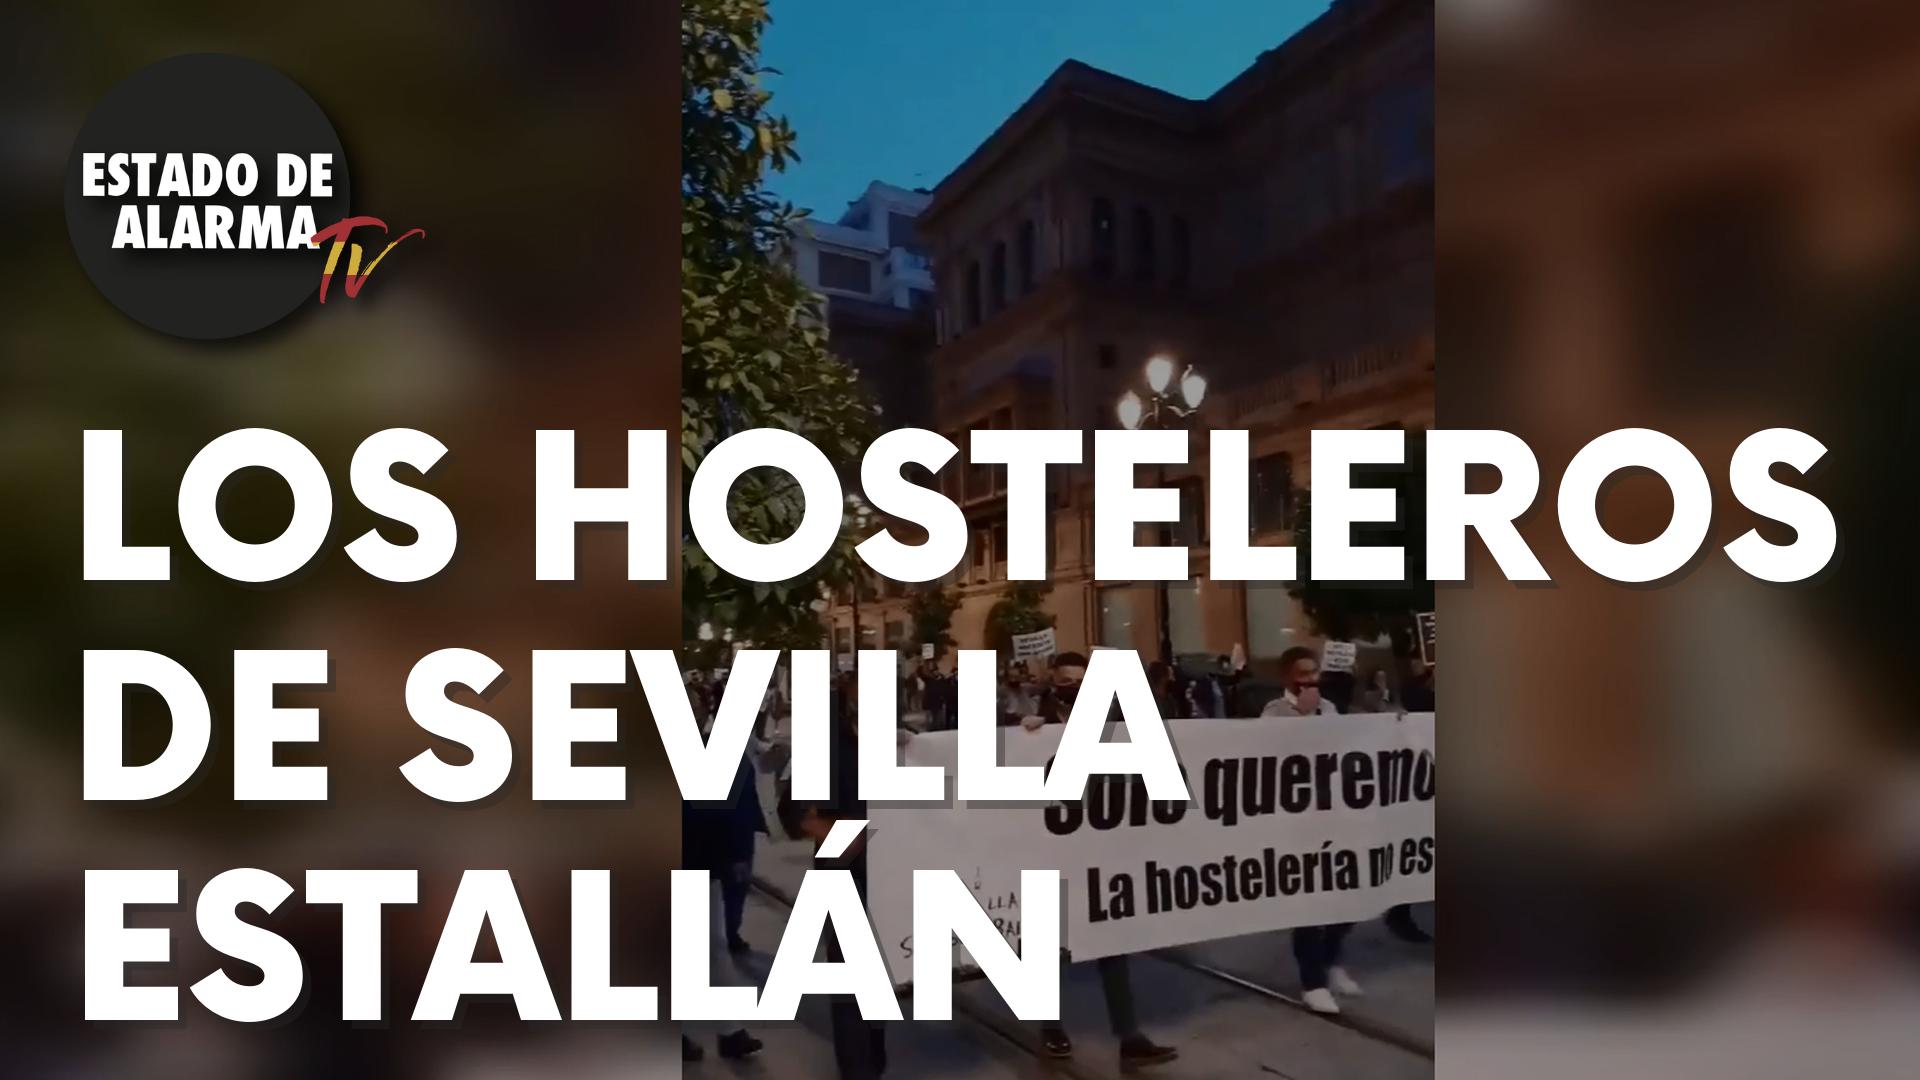 """Los hosteleros de Sevilla estallan contra el Gobierno: """"Queremos trabajar"""""""